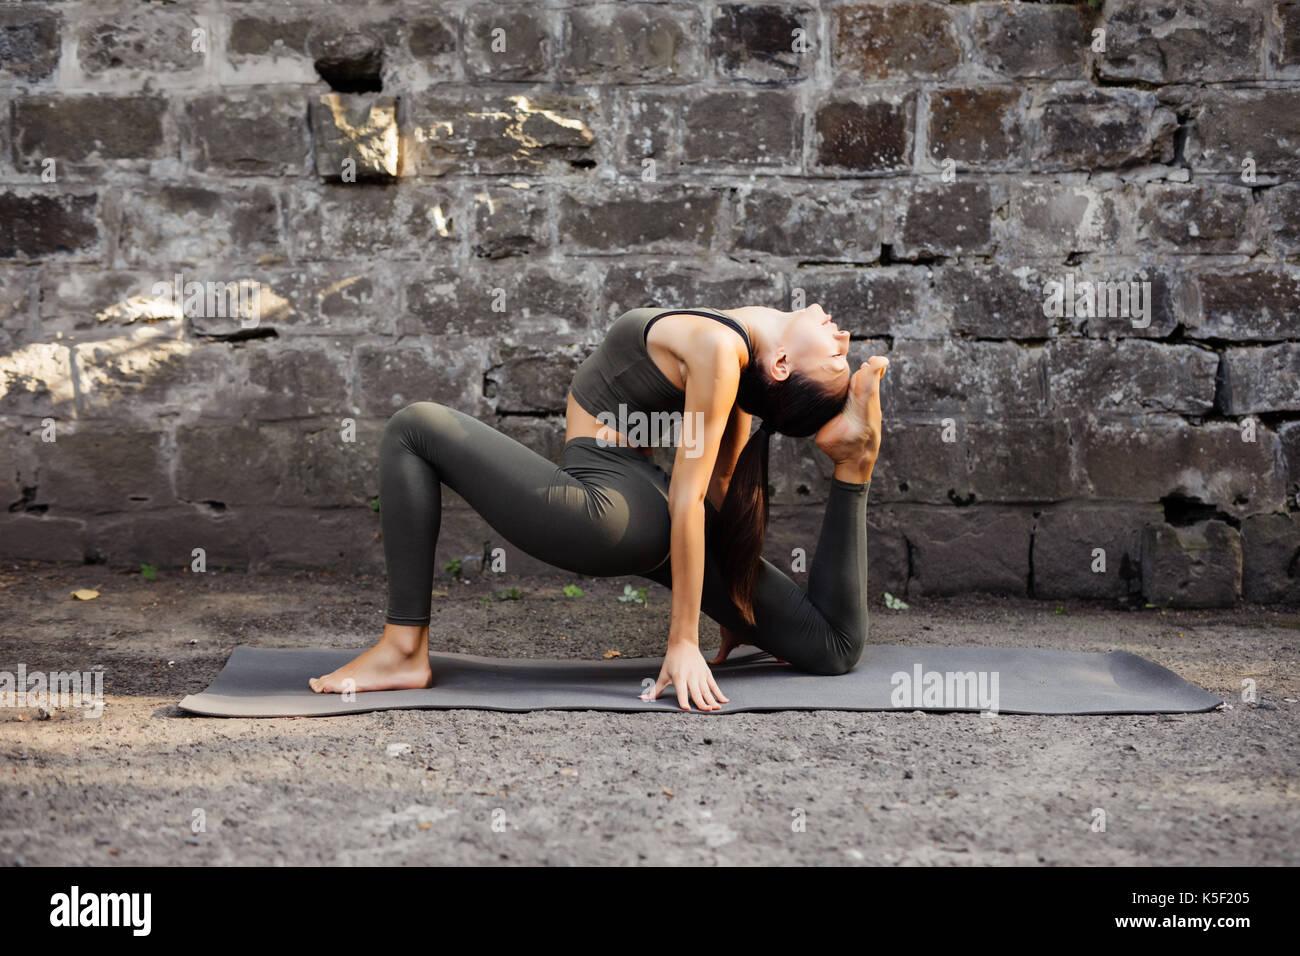 La donna a praticare yoga contro un muro di mattoni Immagini Stock